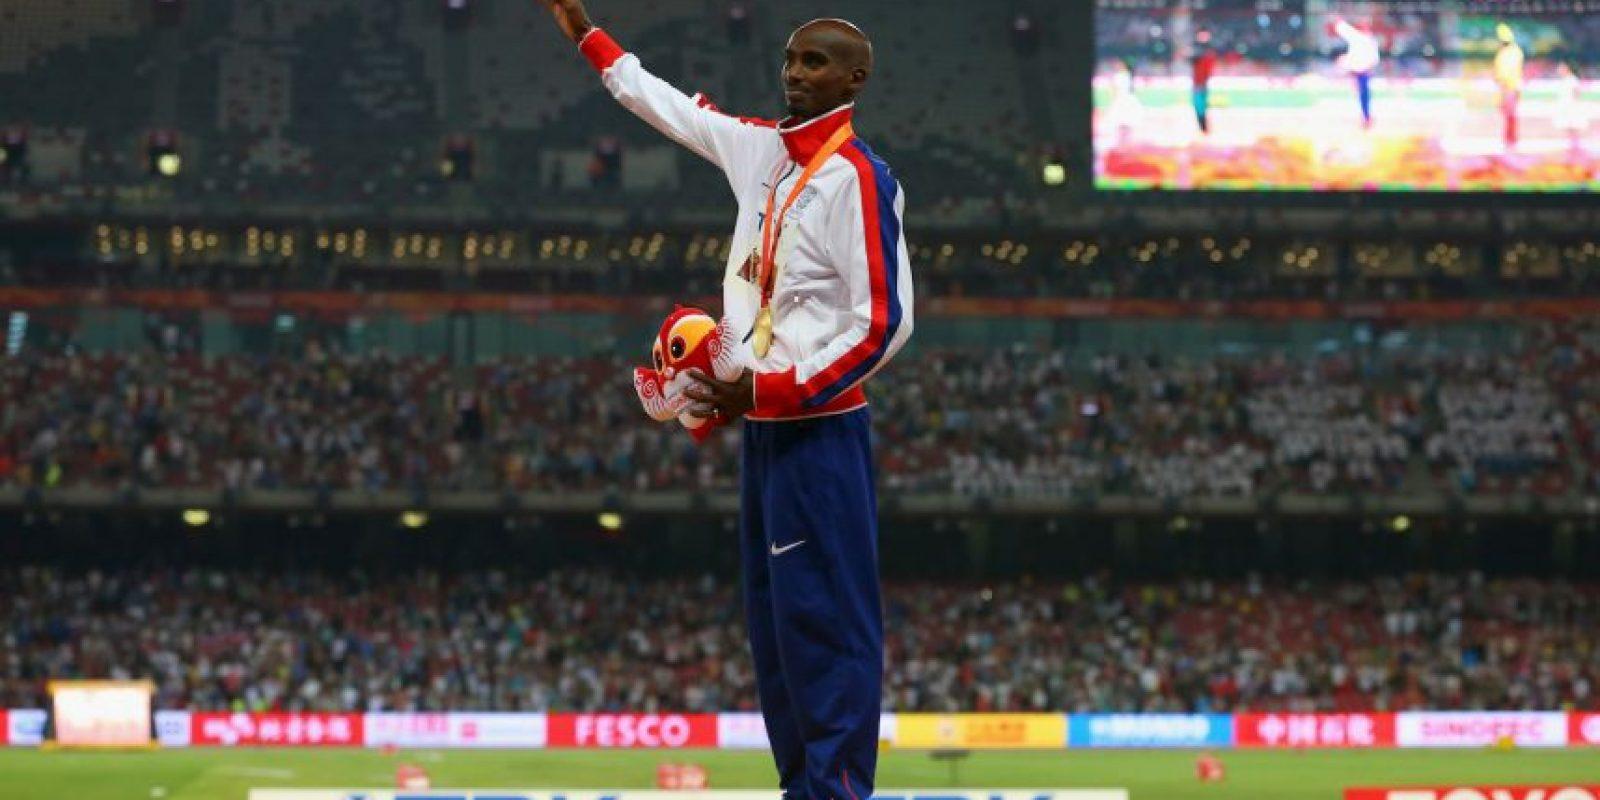 El británico consiguió el doblete en los cinco mil metros(13 minutos, 50 segundos y 13 centésimas de segundo) y 10 mil metros (27 mintos, un segundo y 13 centésimas de segundo) Foto:Getty Images